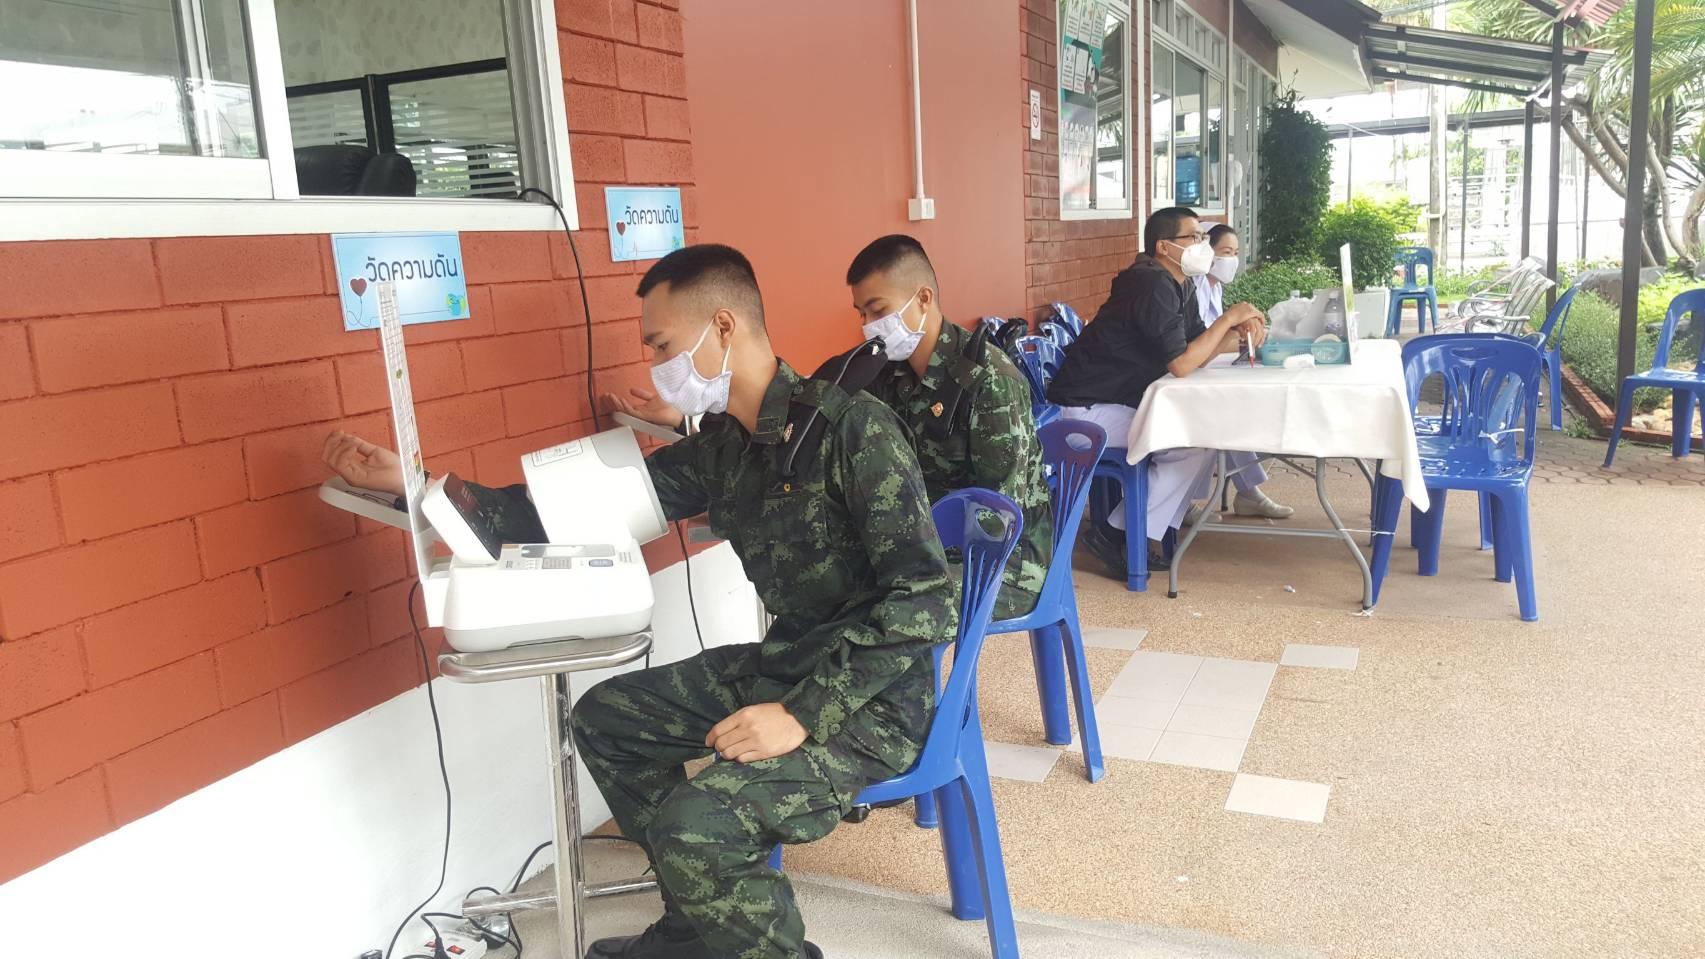 ทหารให้เลือด ผู้บังคับหน่วยเฉพาะกิจกรมทหารม้าที่ 2 นำน้องทหารบริจาคโลหิตที่โรงพยาบาลแม่สาย